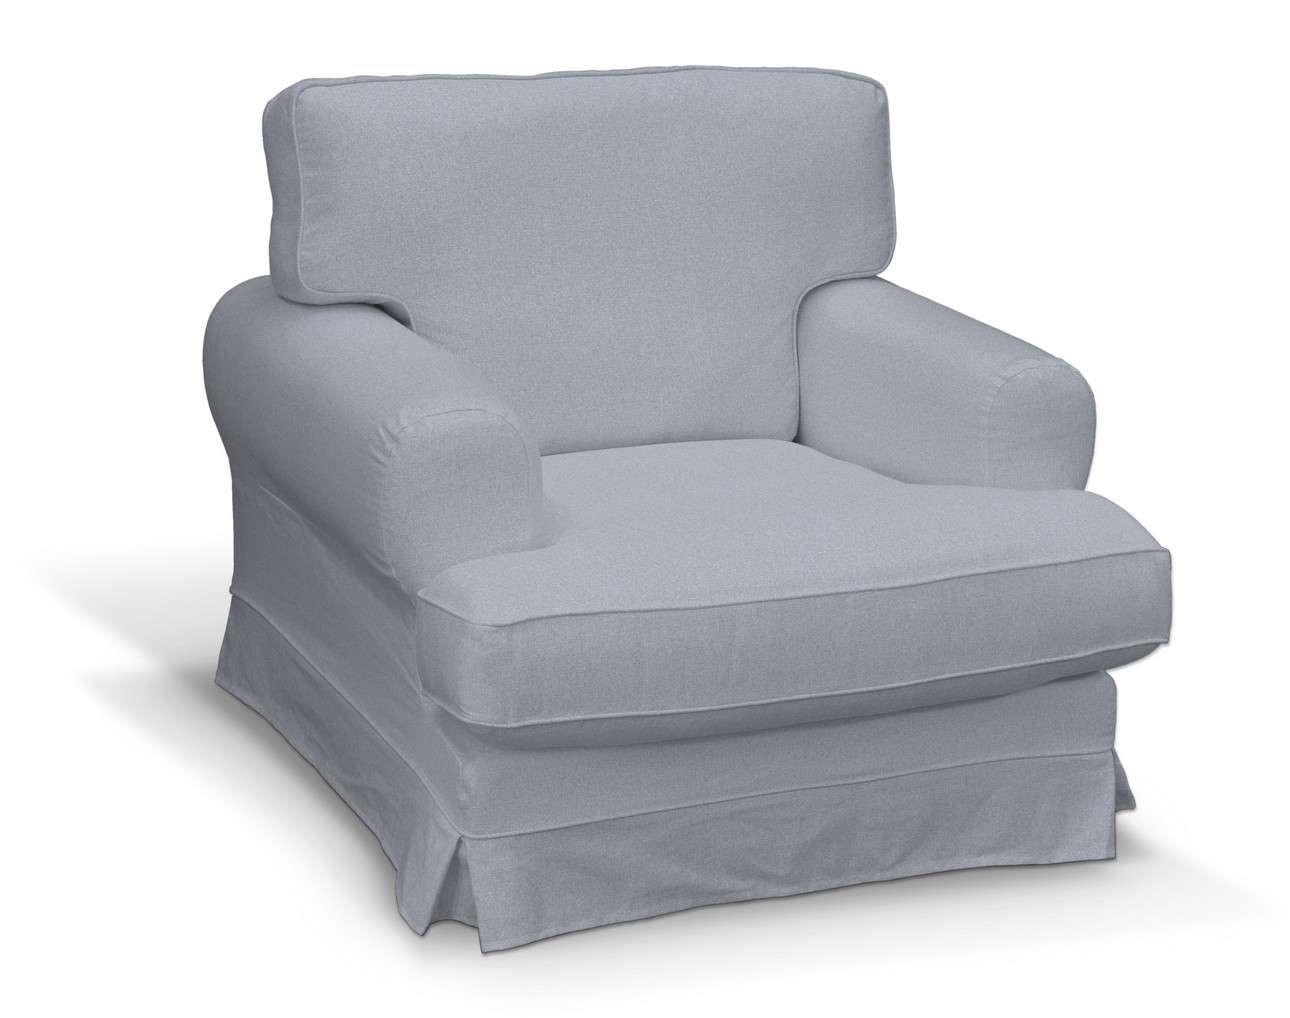 Bezug für Ekeskog Sessel von der Kollektion Amsterdam, Stoff: 704-46